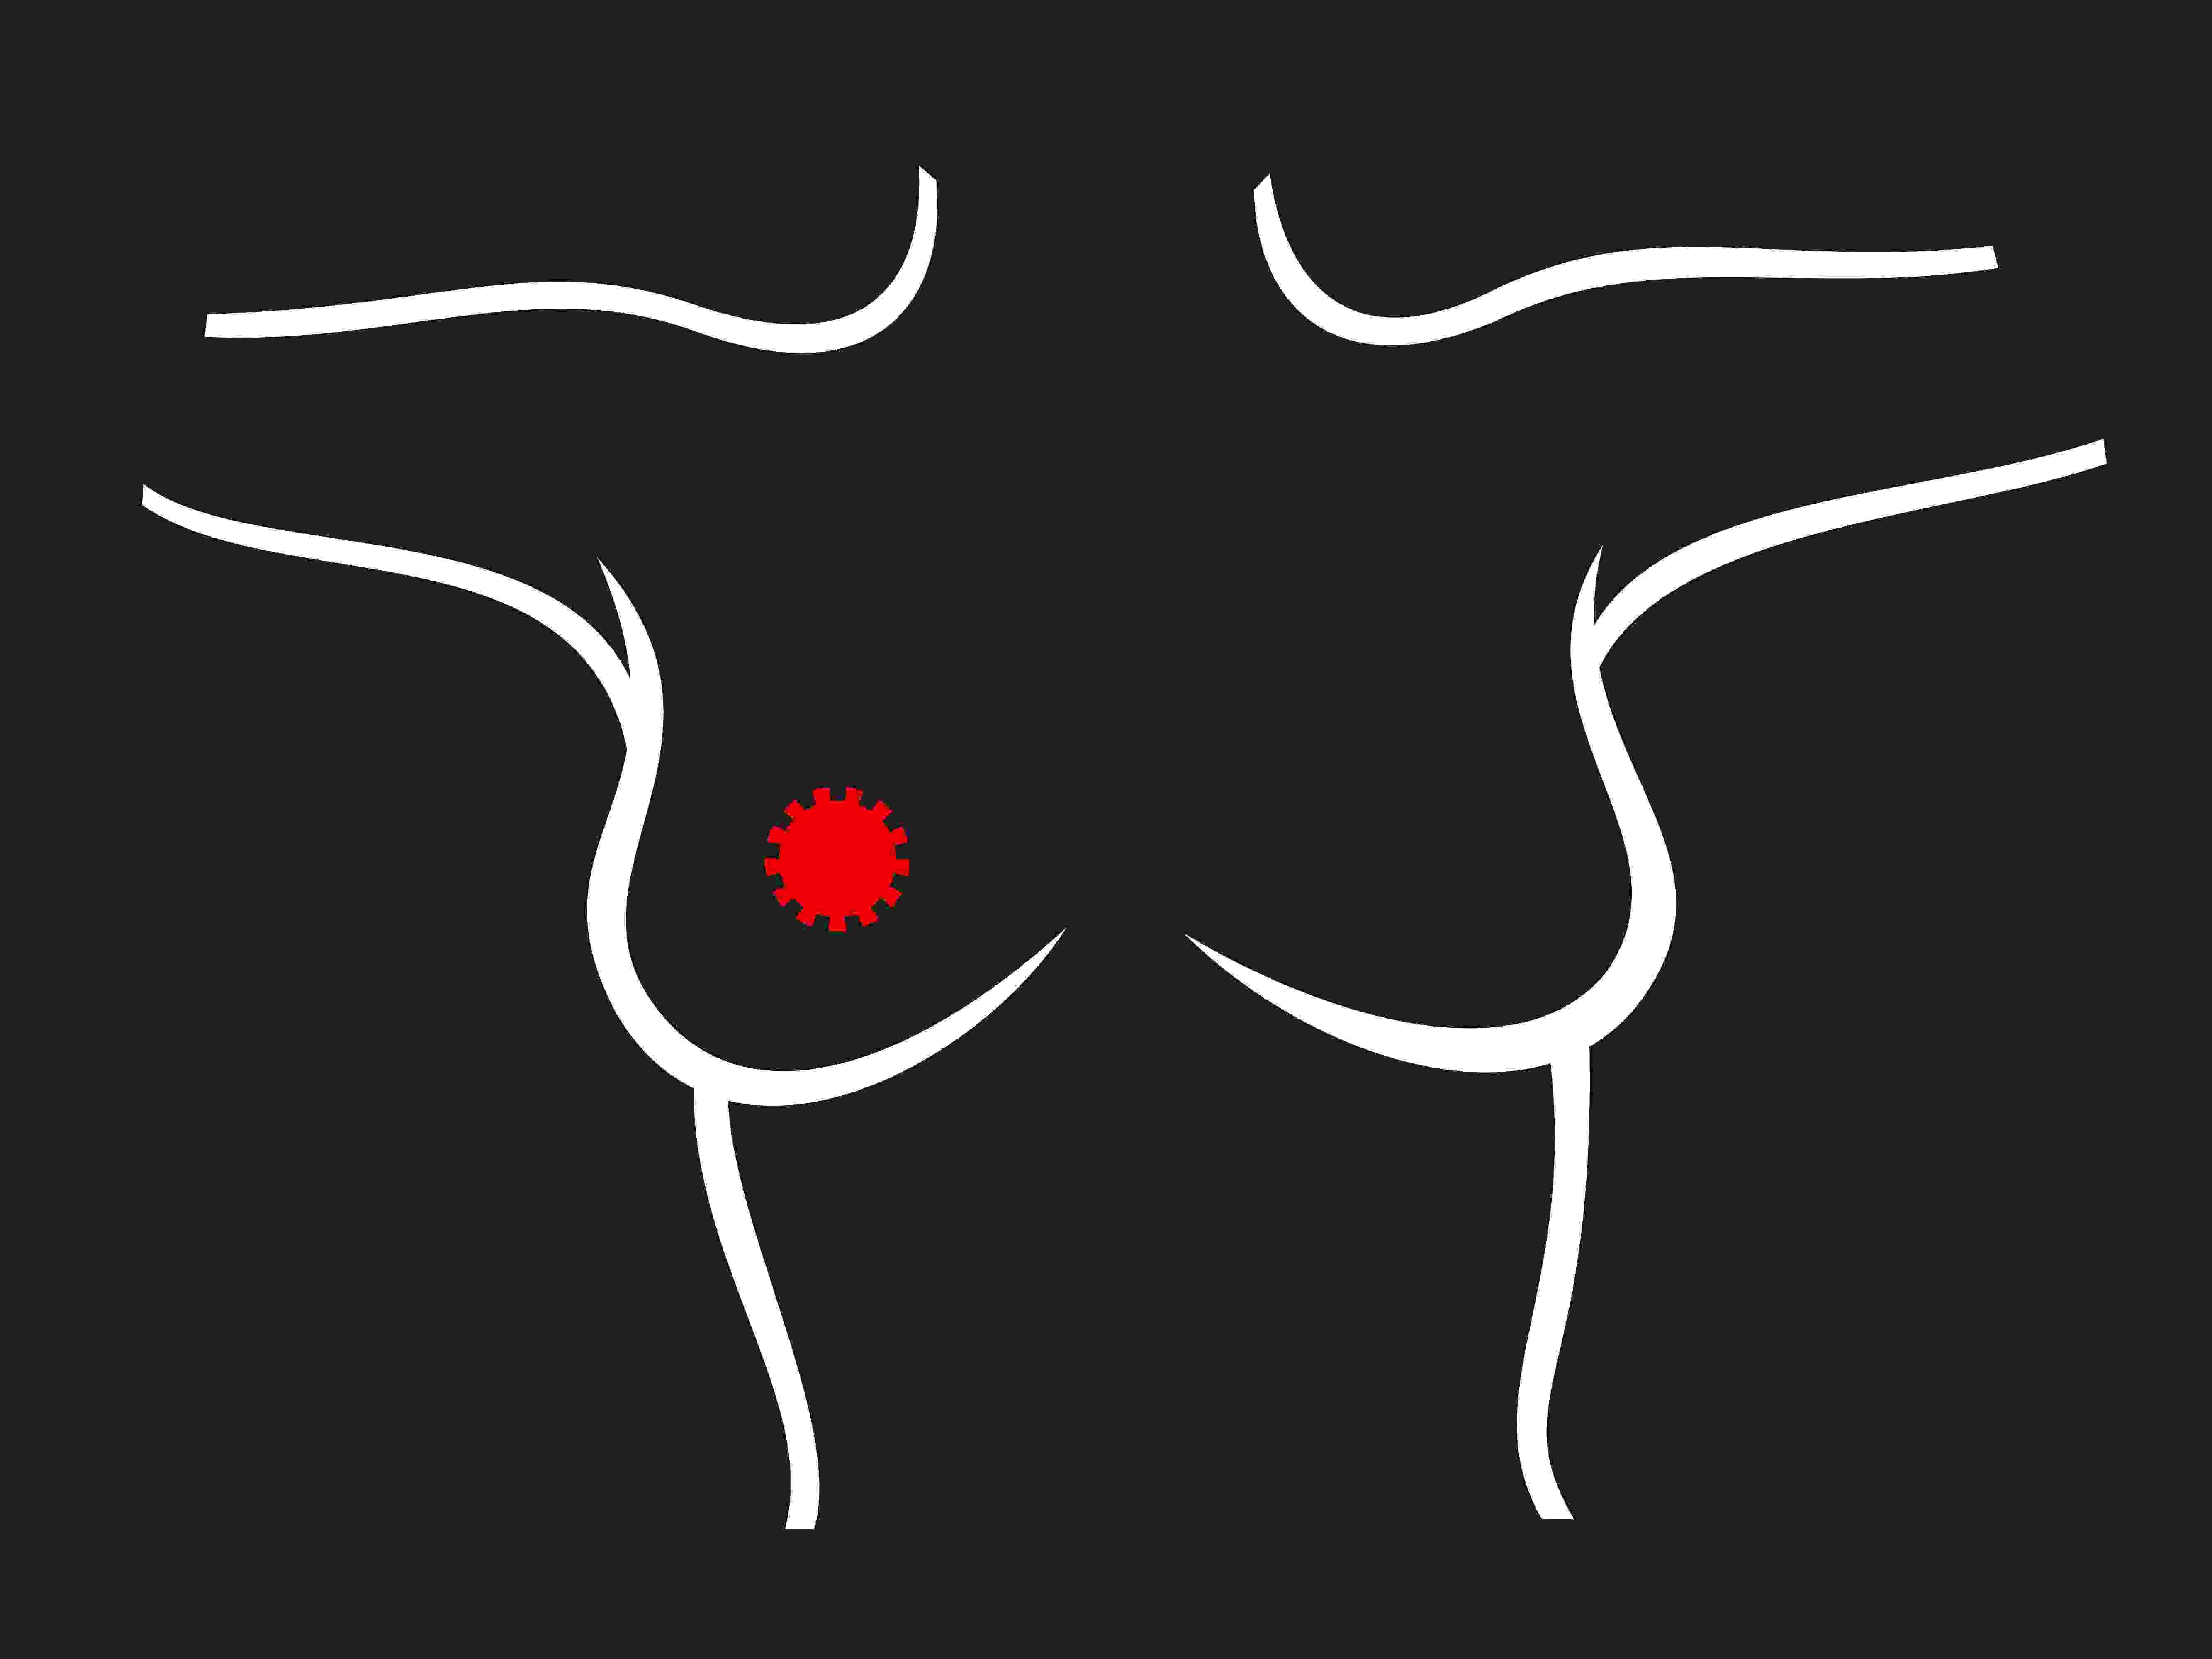 Quelle est la fiabilité des modèles de calcul du risque de cancer du sein en fonction des résultats de la recherche de mutation de BRCA1 et BRCA2 ?